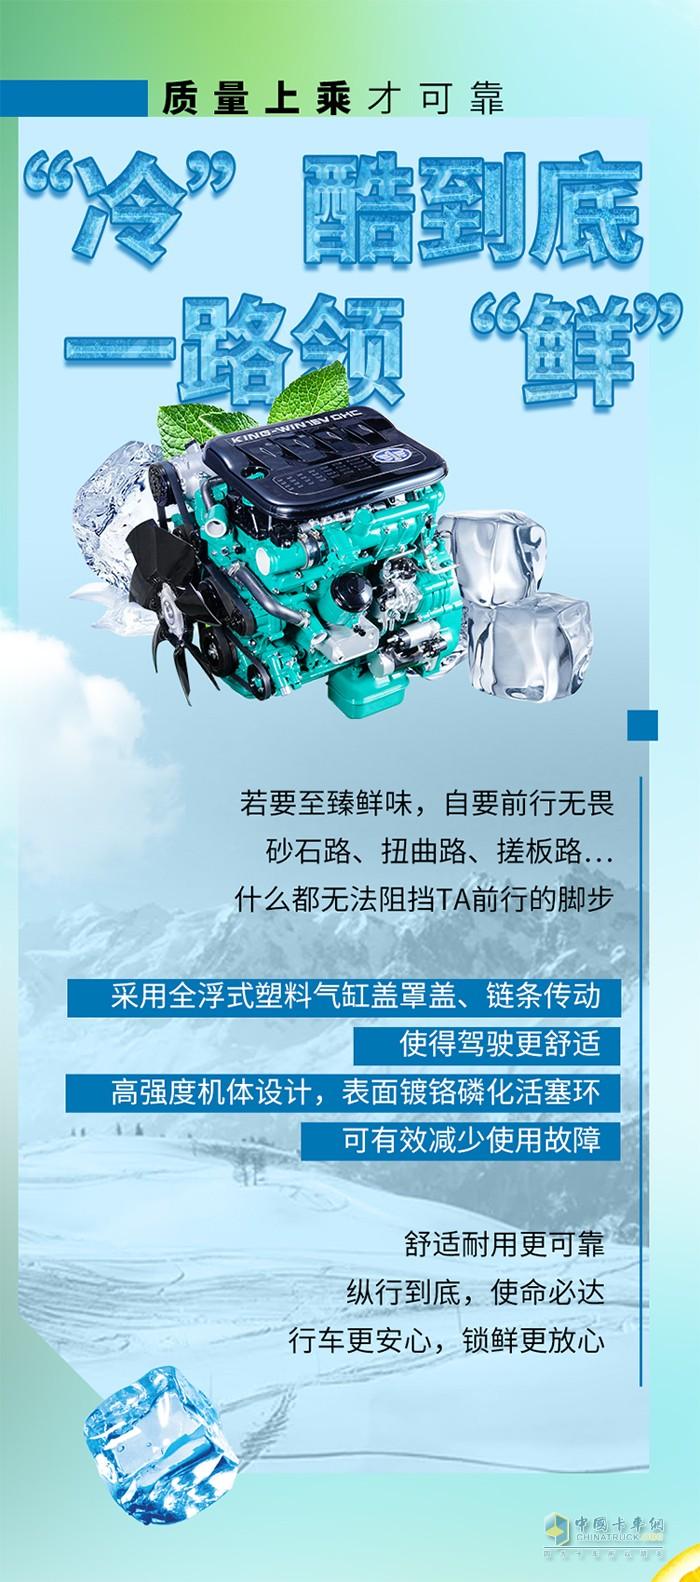 解放动力,冷链运输,劲威CA4DB1发动机